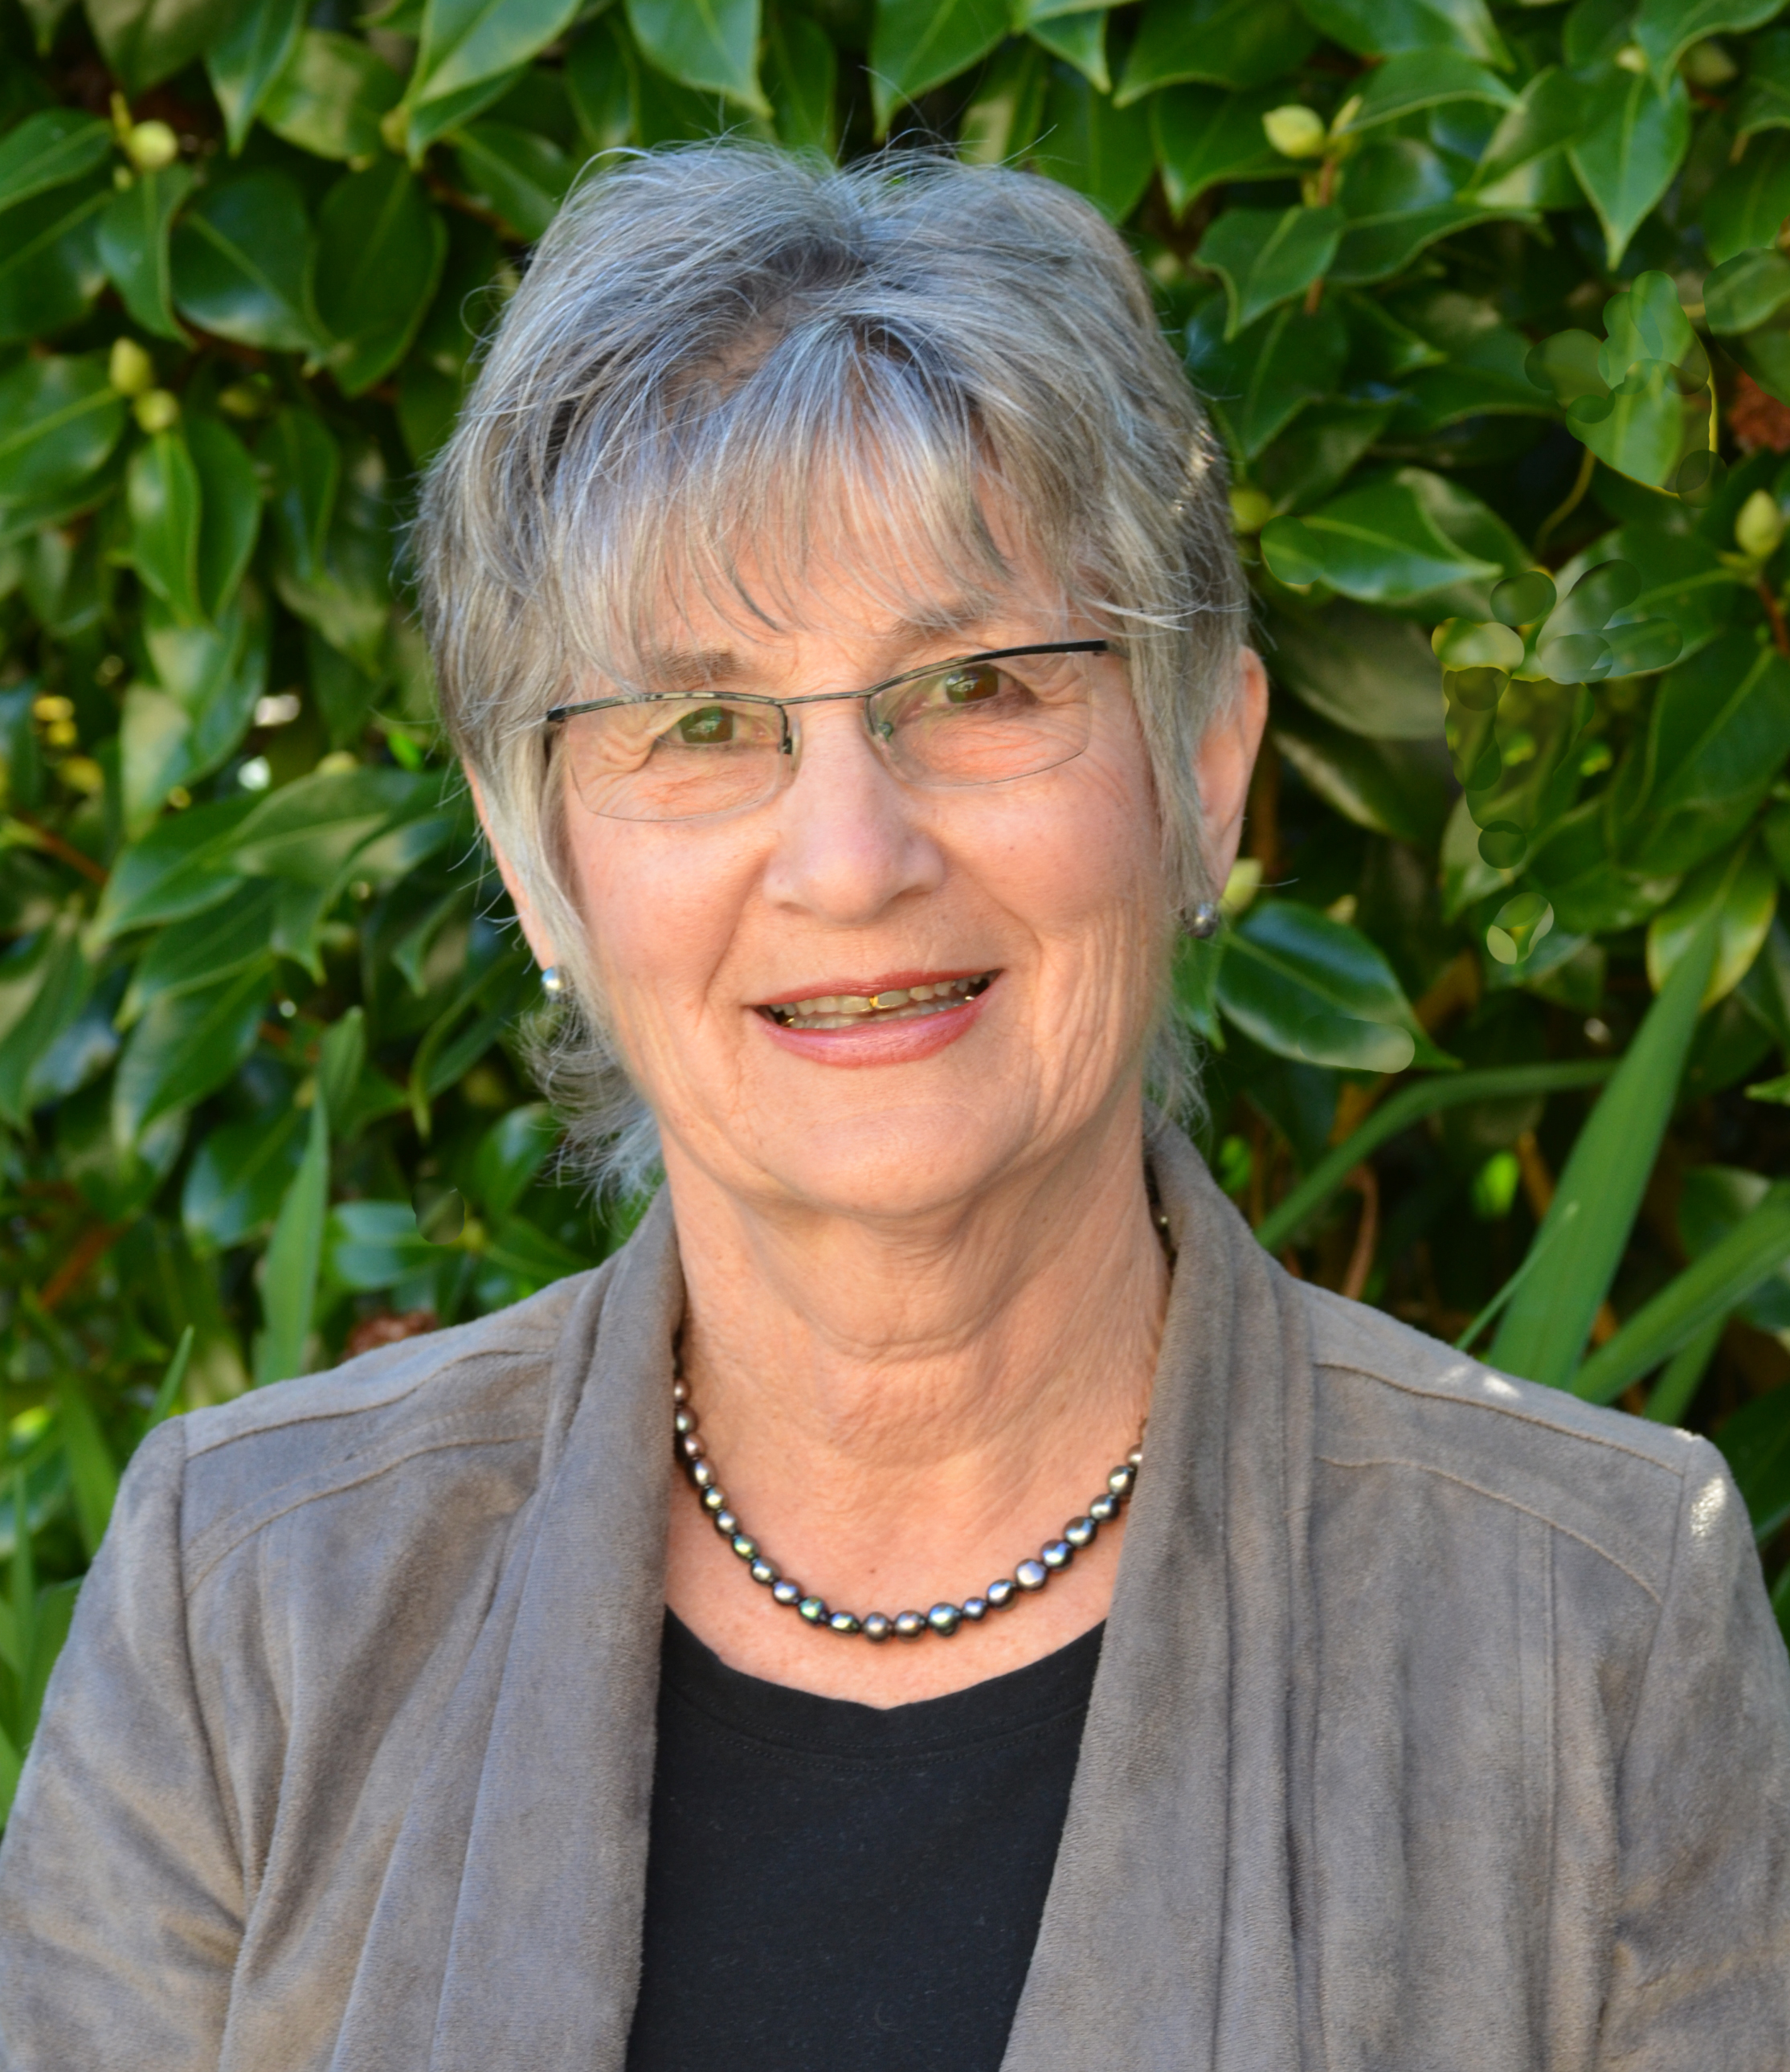 Karen Zelas